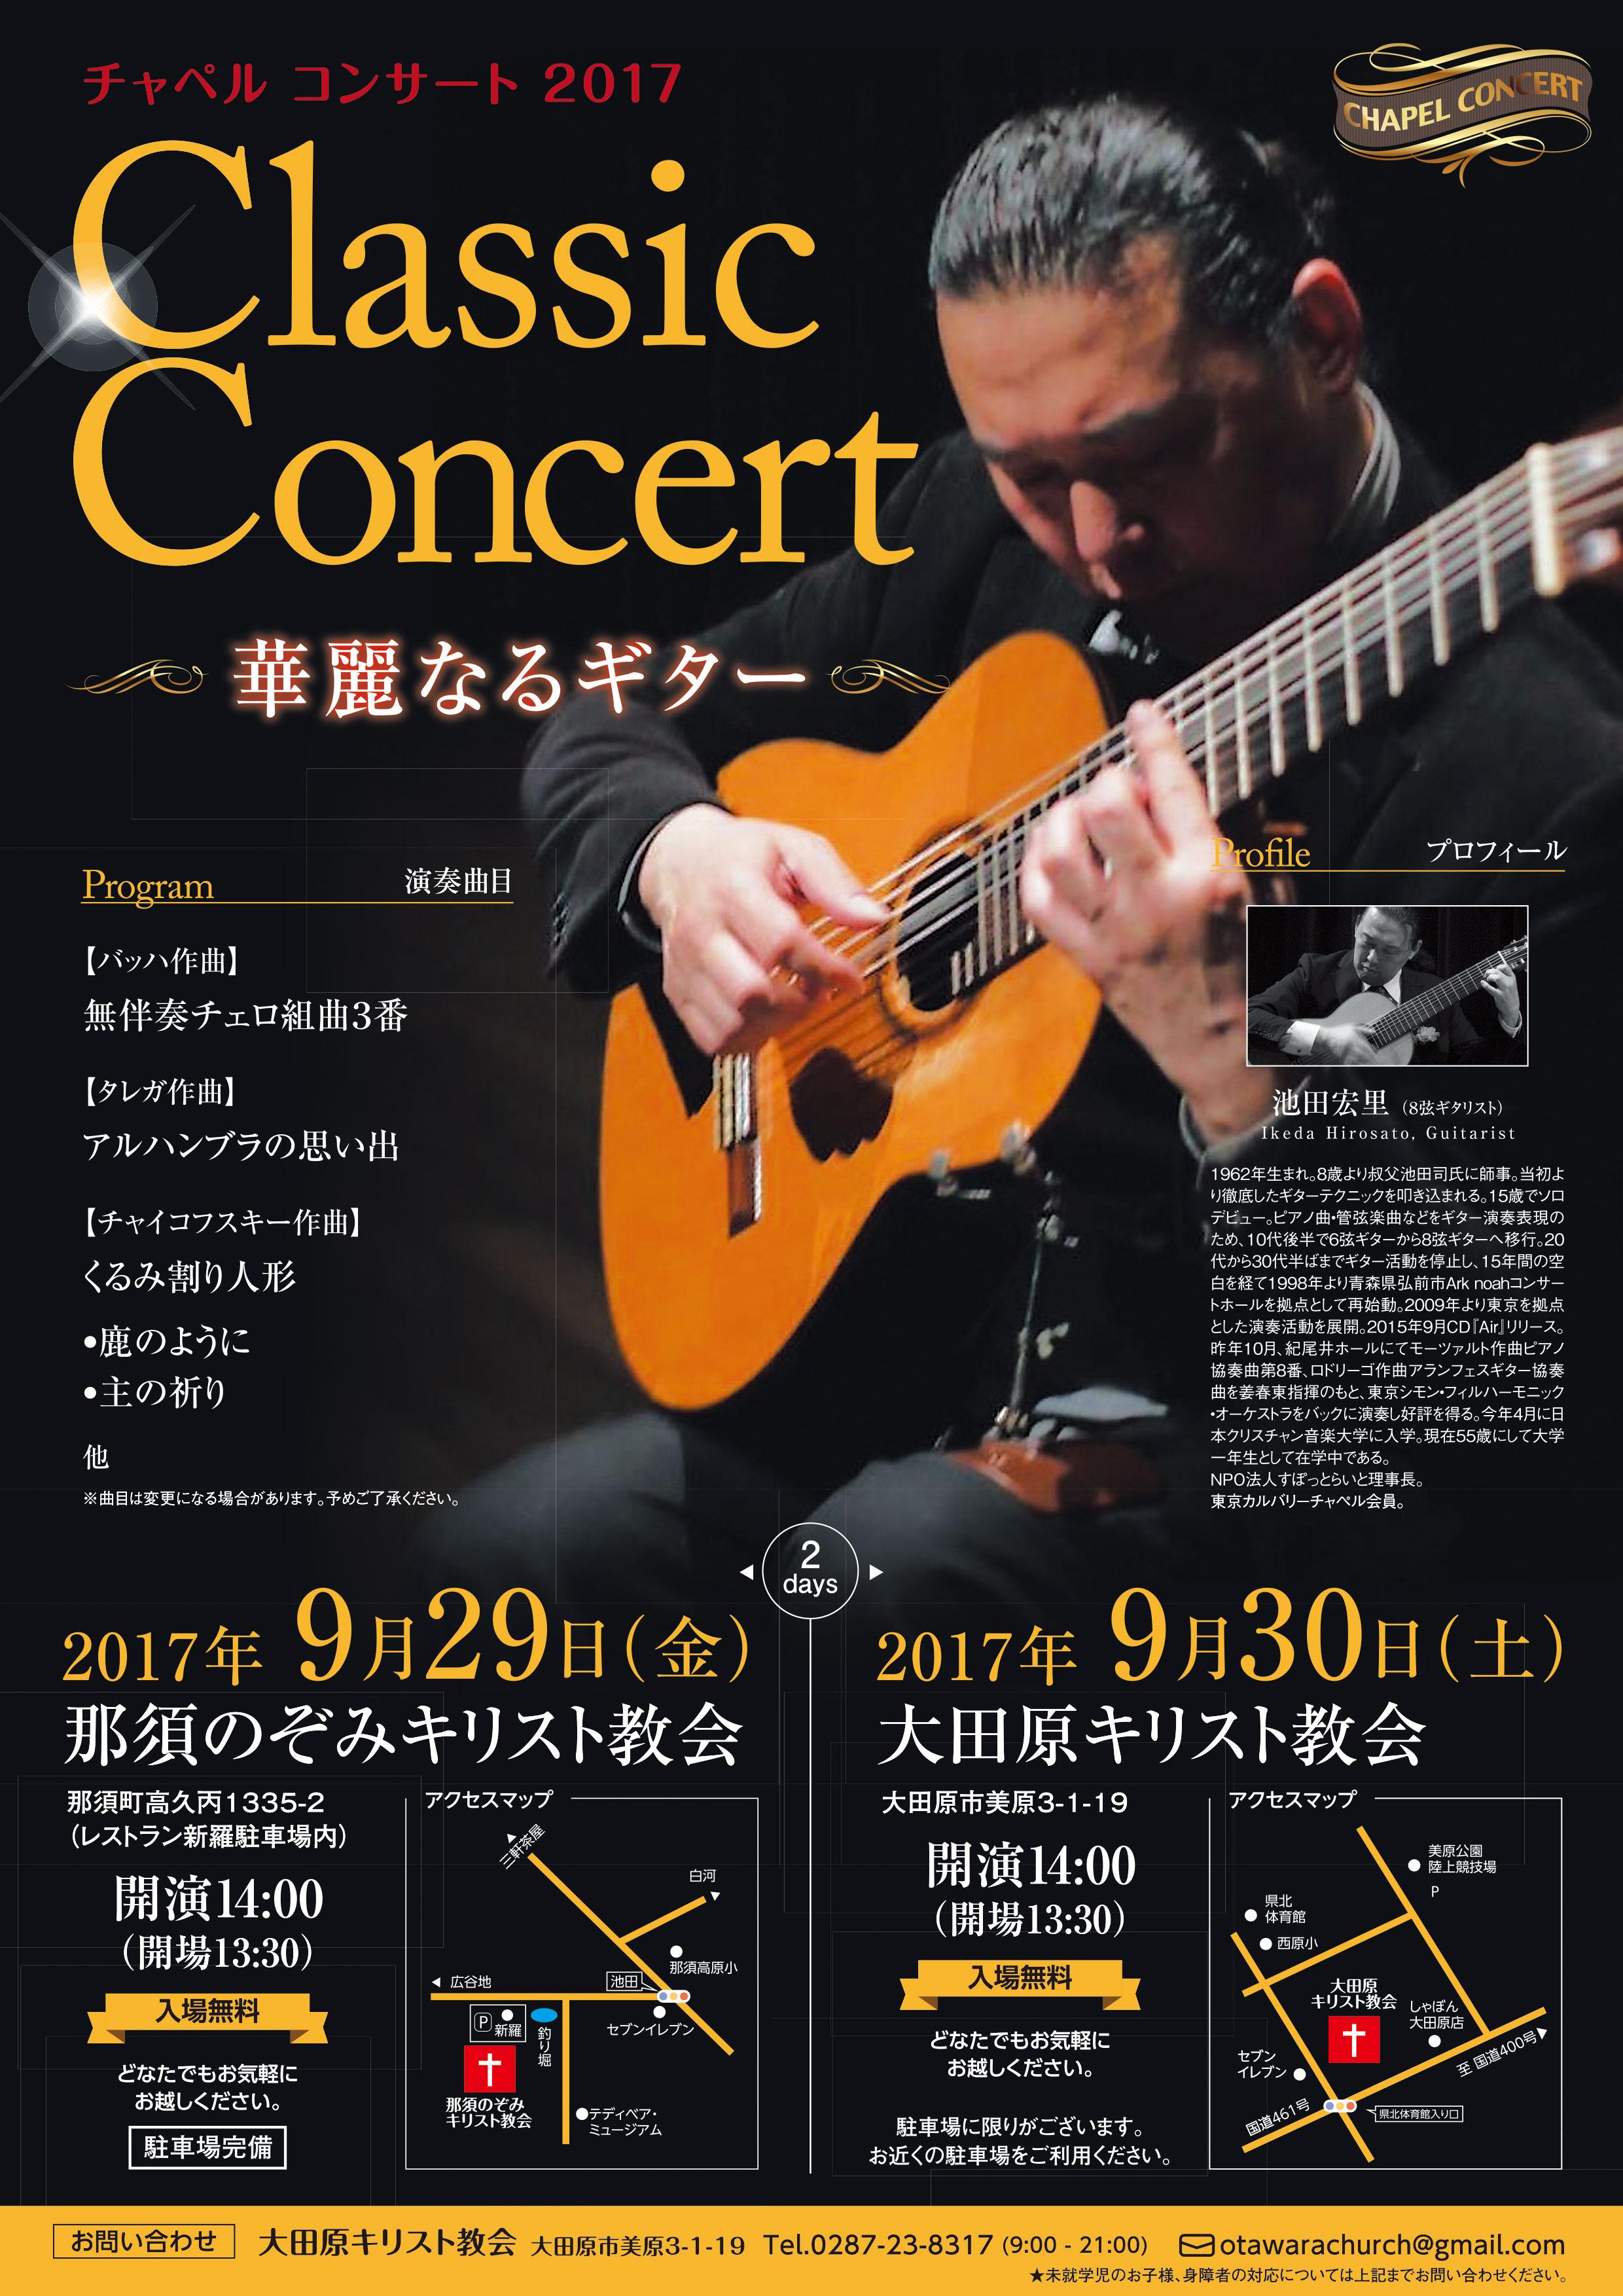 2017年9月30日(土)チャペルコンサート2017